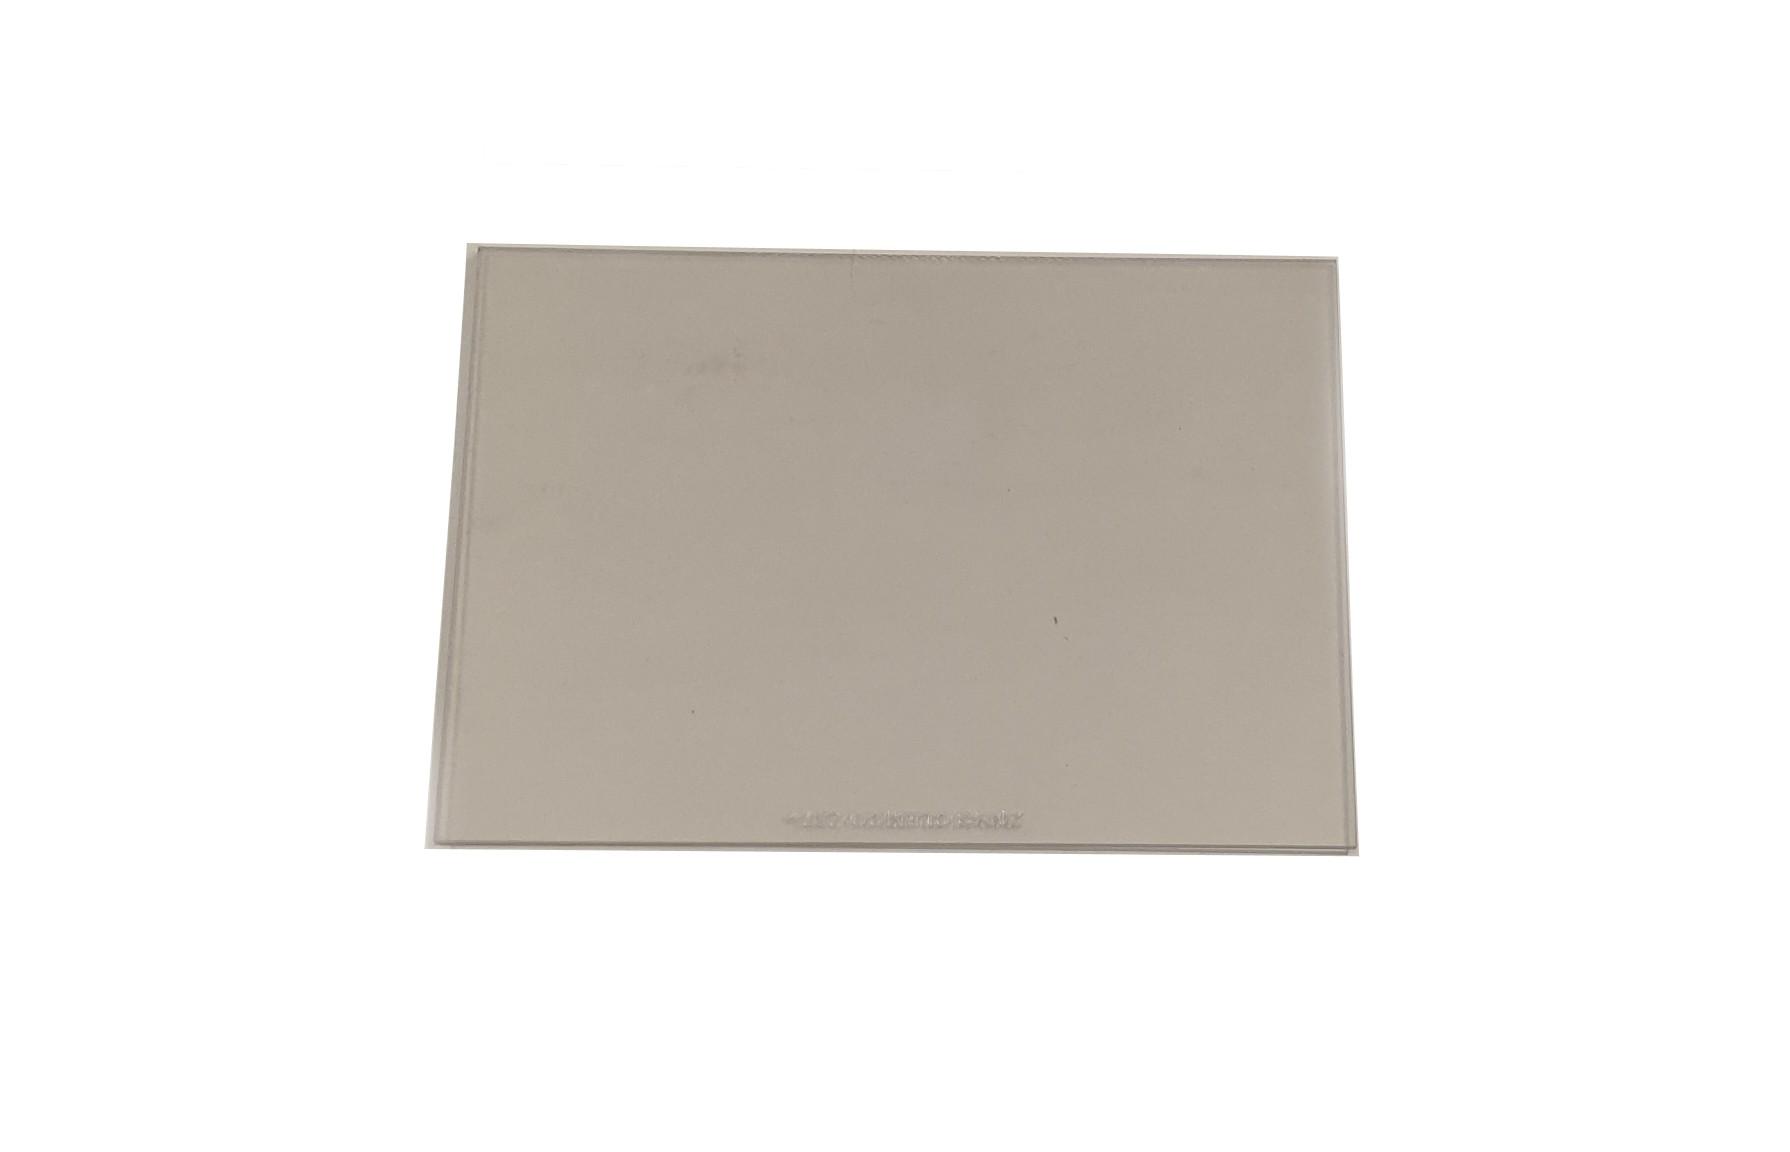 Außenscheibe (Kunststoff) APOLLO 100